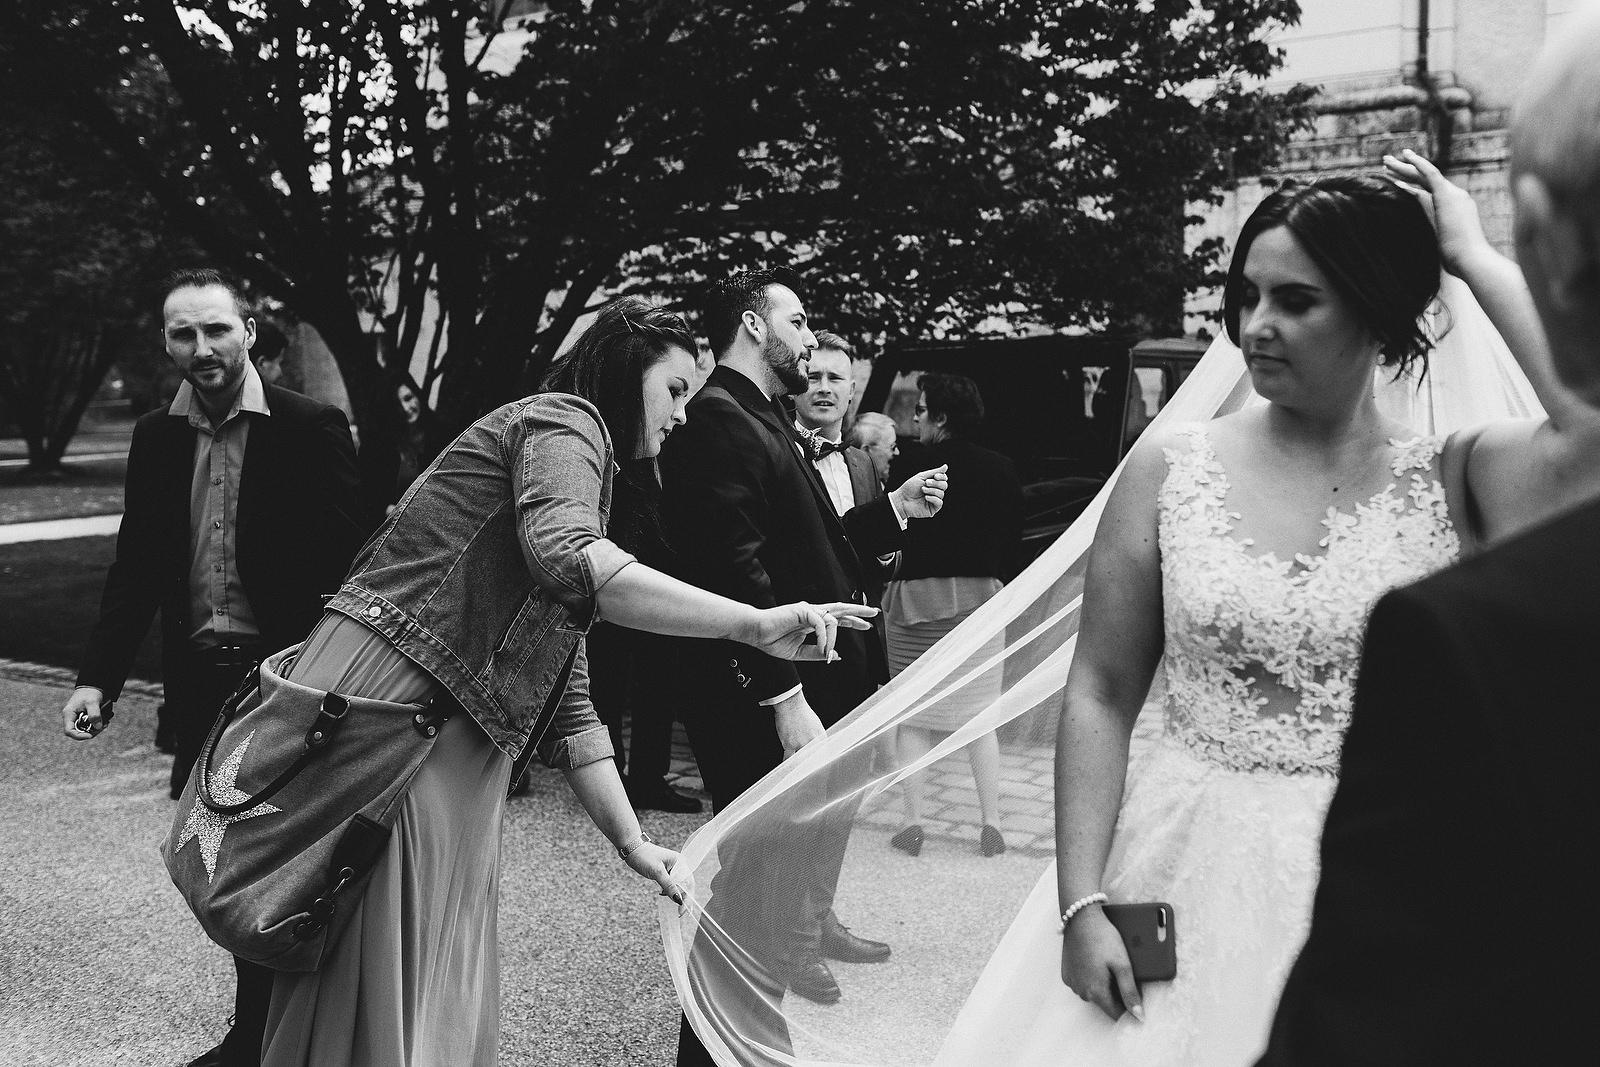 Referenz_Hochzeit_Kollektiv_EIS-20.JPG